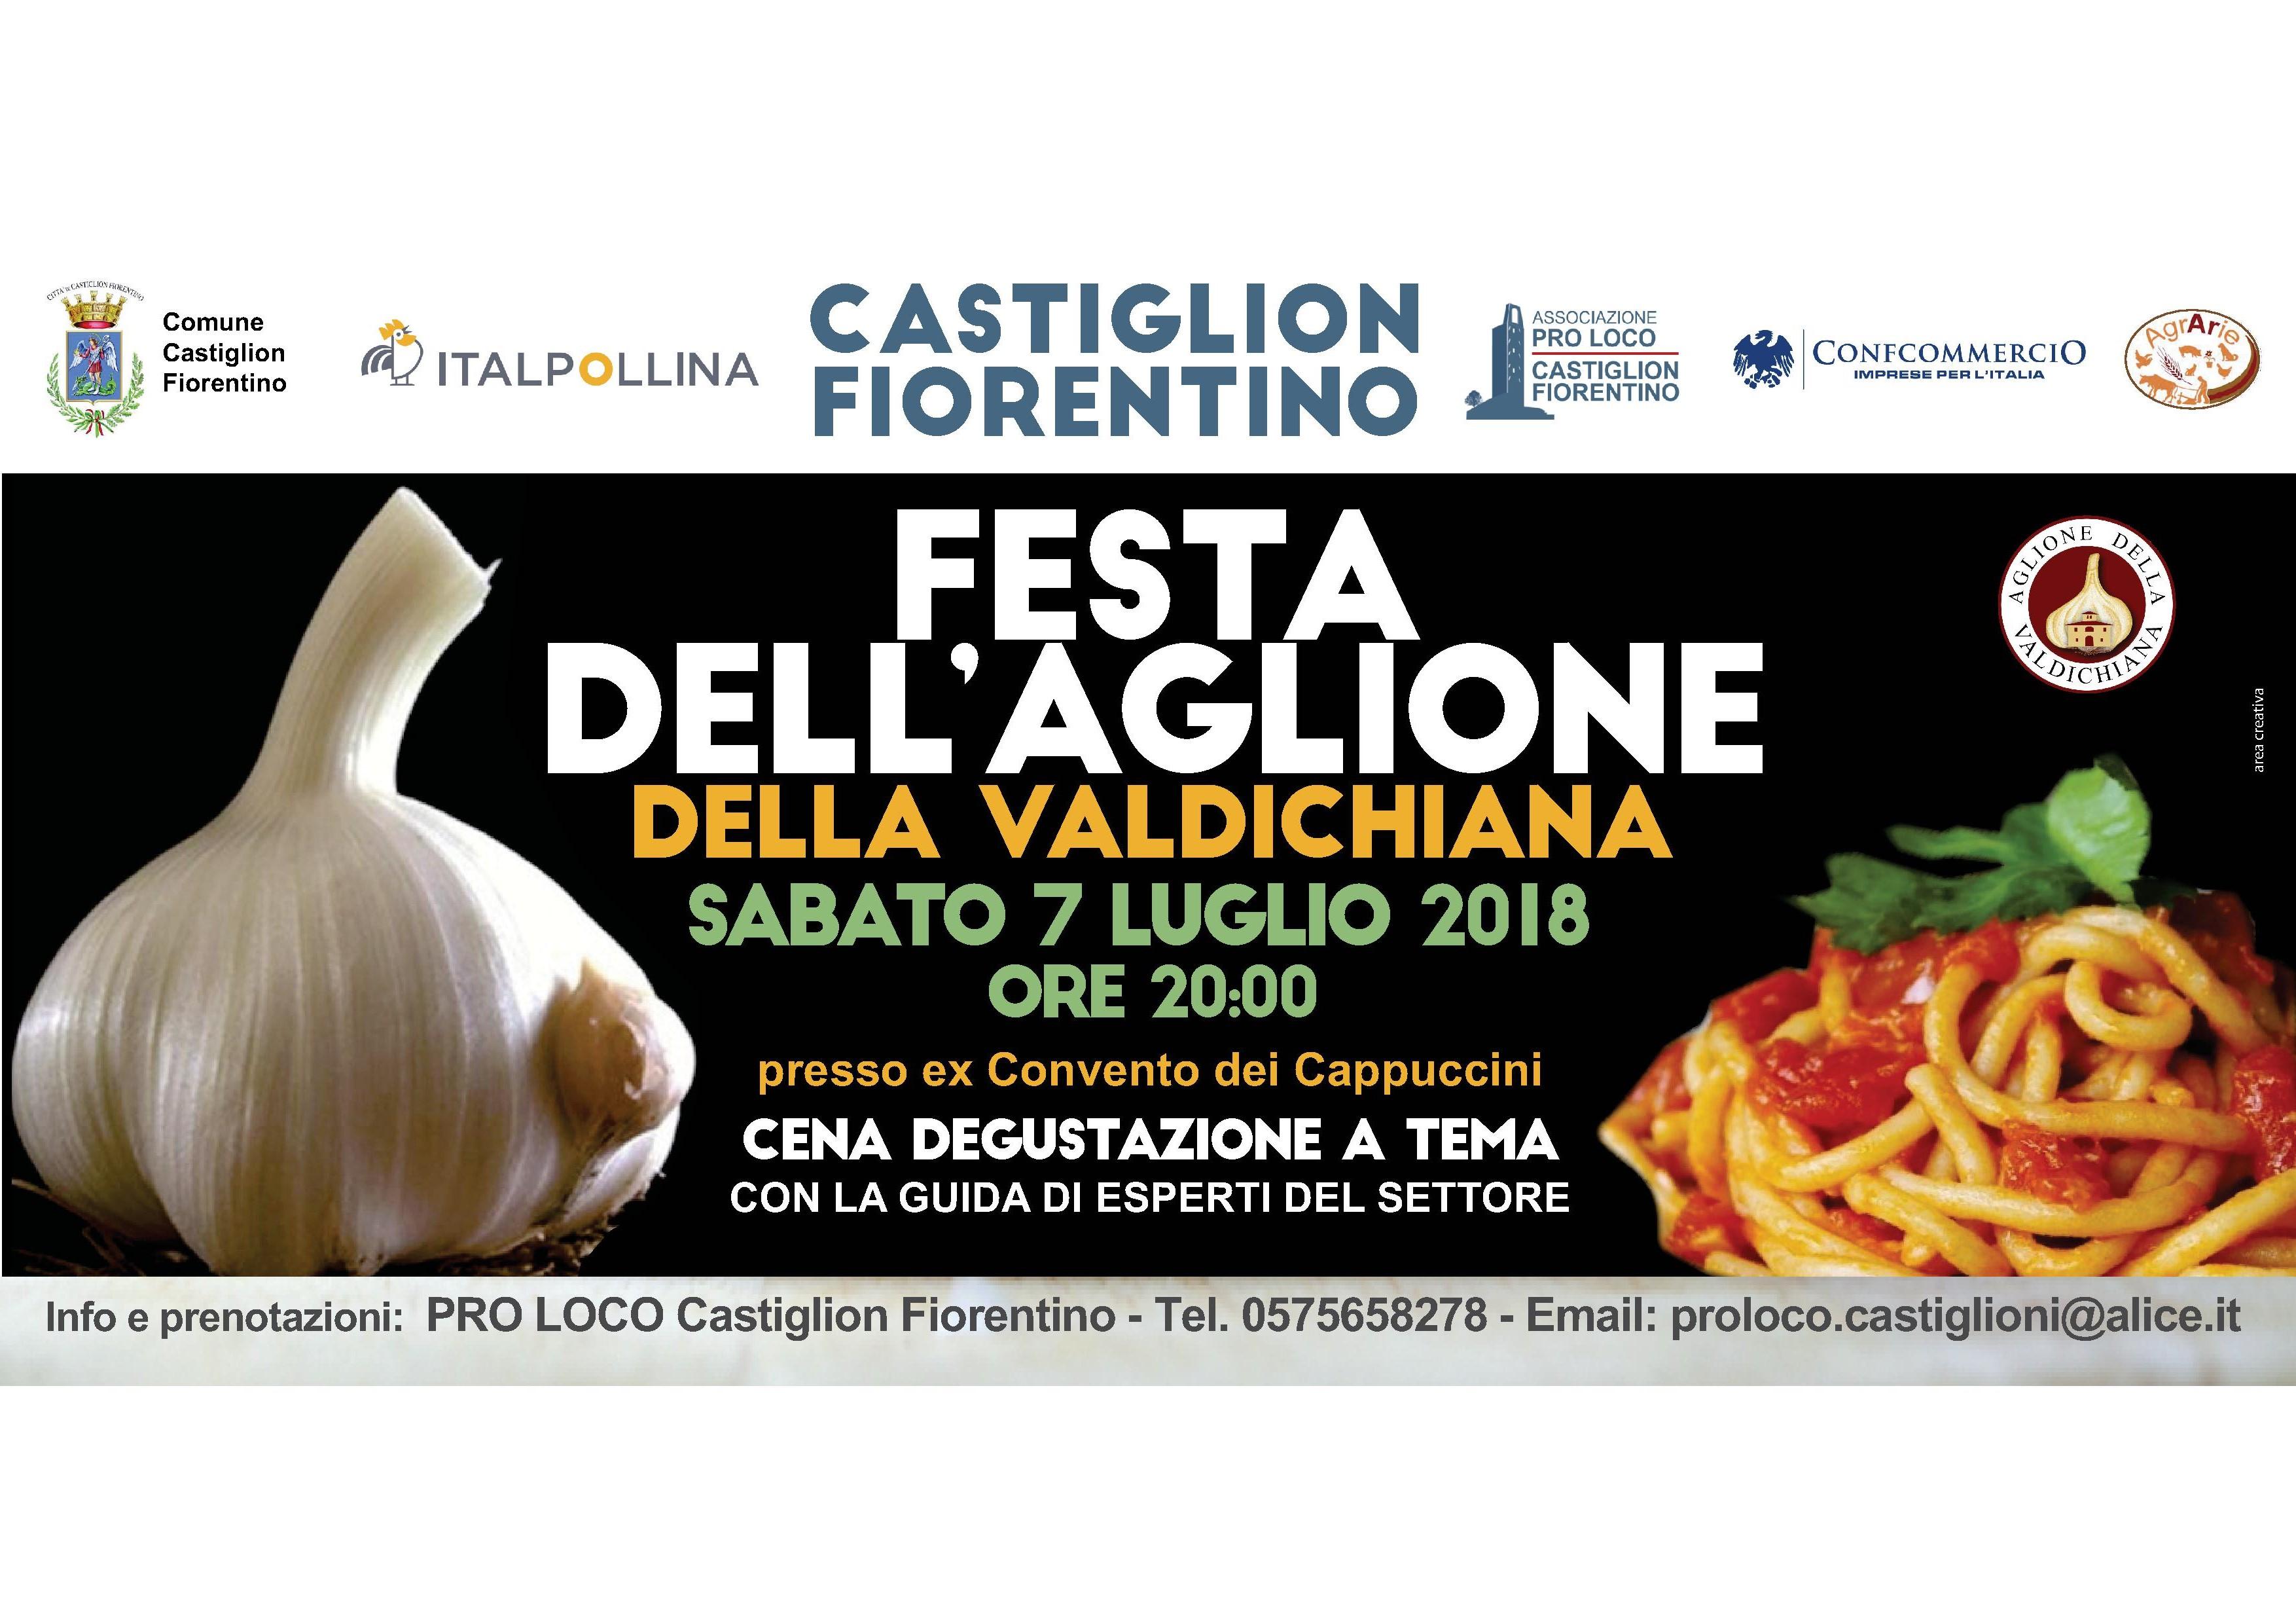 Festa dell'Aglione della Valdichiana a Castiglion Fiorentino